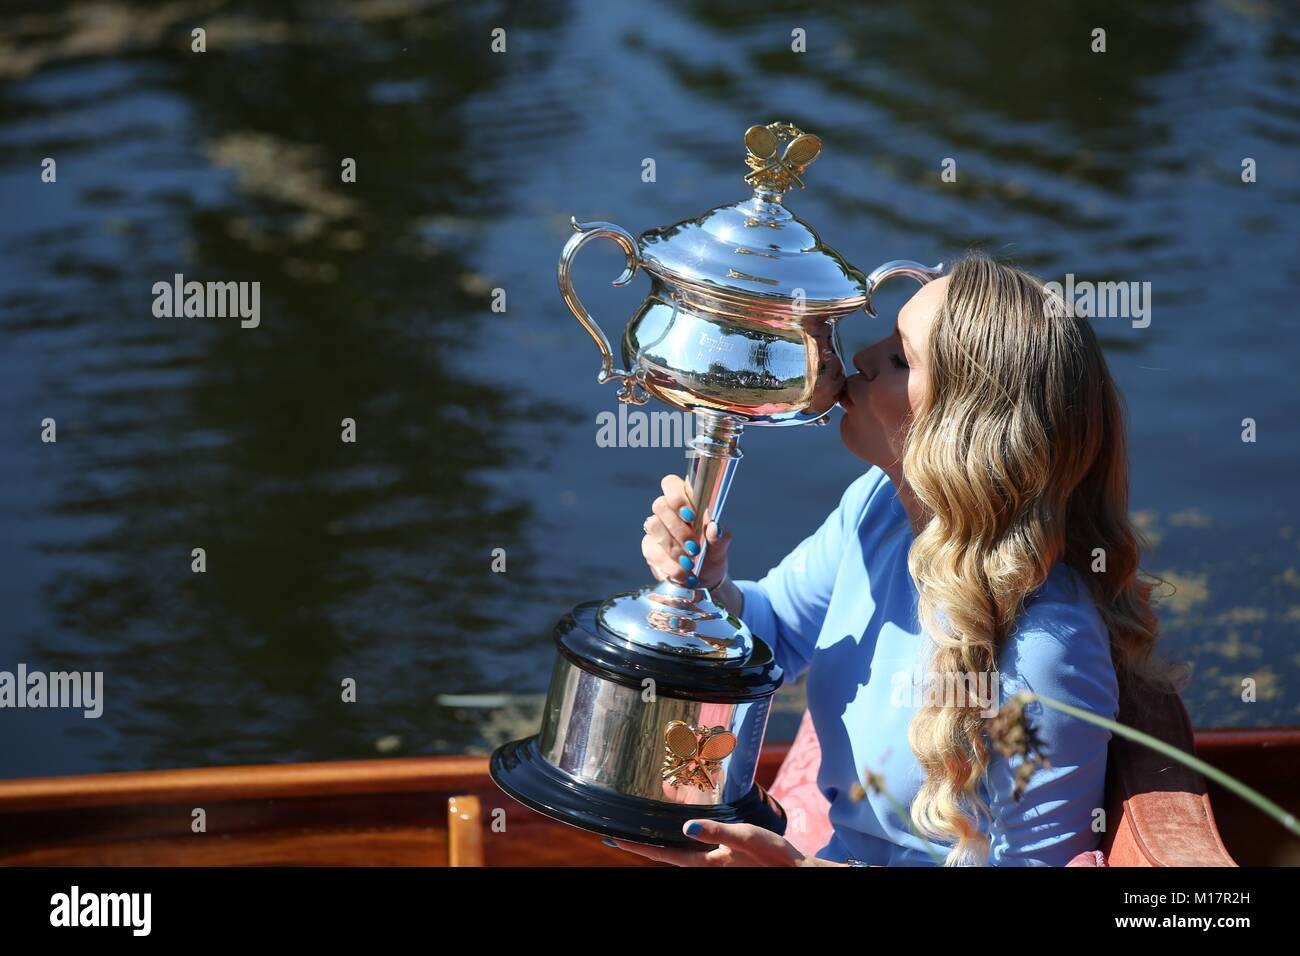 Melbourne, Australien. 28 Jan, 2018. Caroline Wozniacki aus Dänemark küsst sie Australian Open Trophy, der Daphne Stockfoto